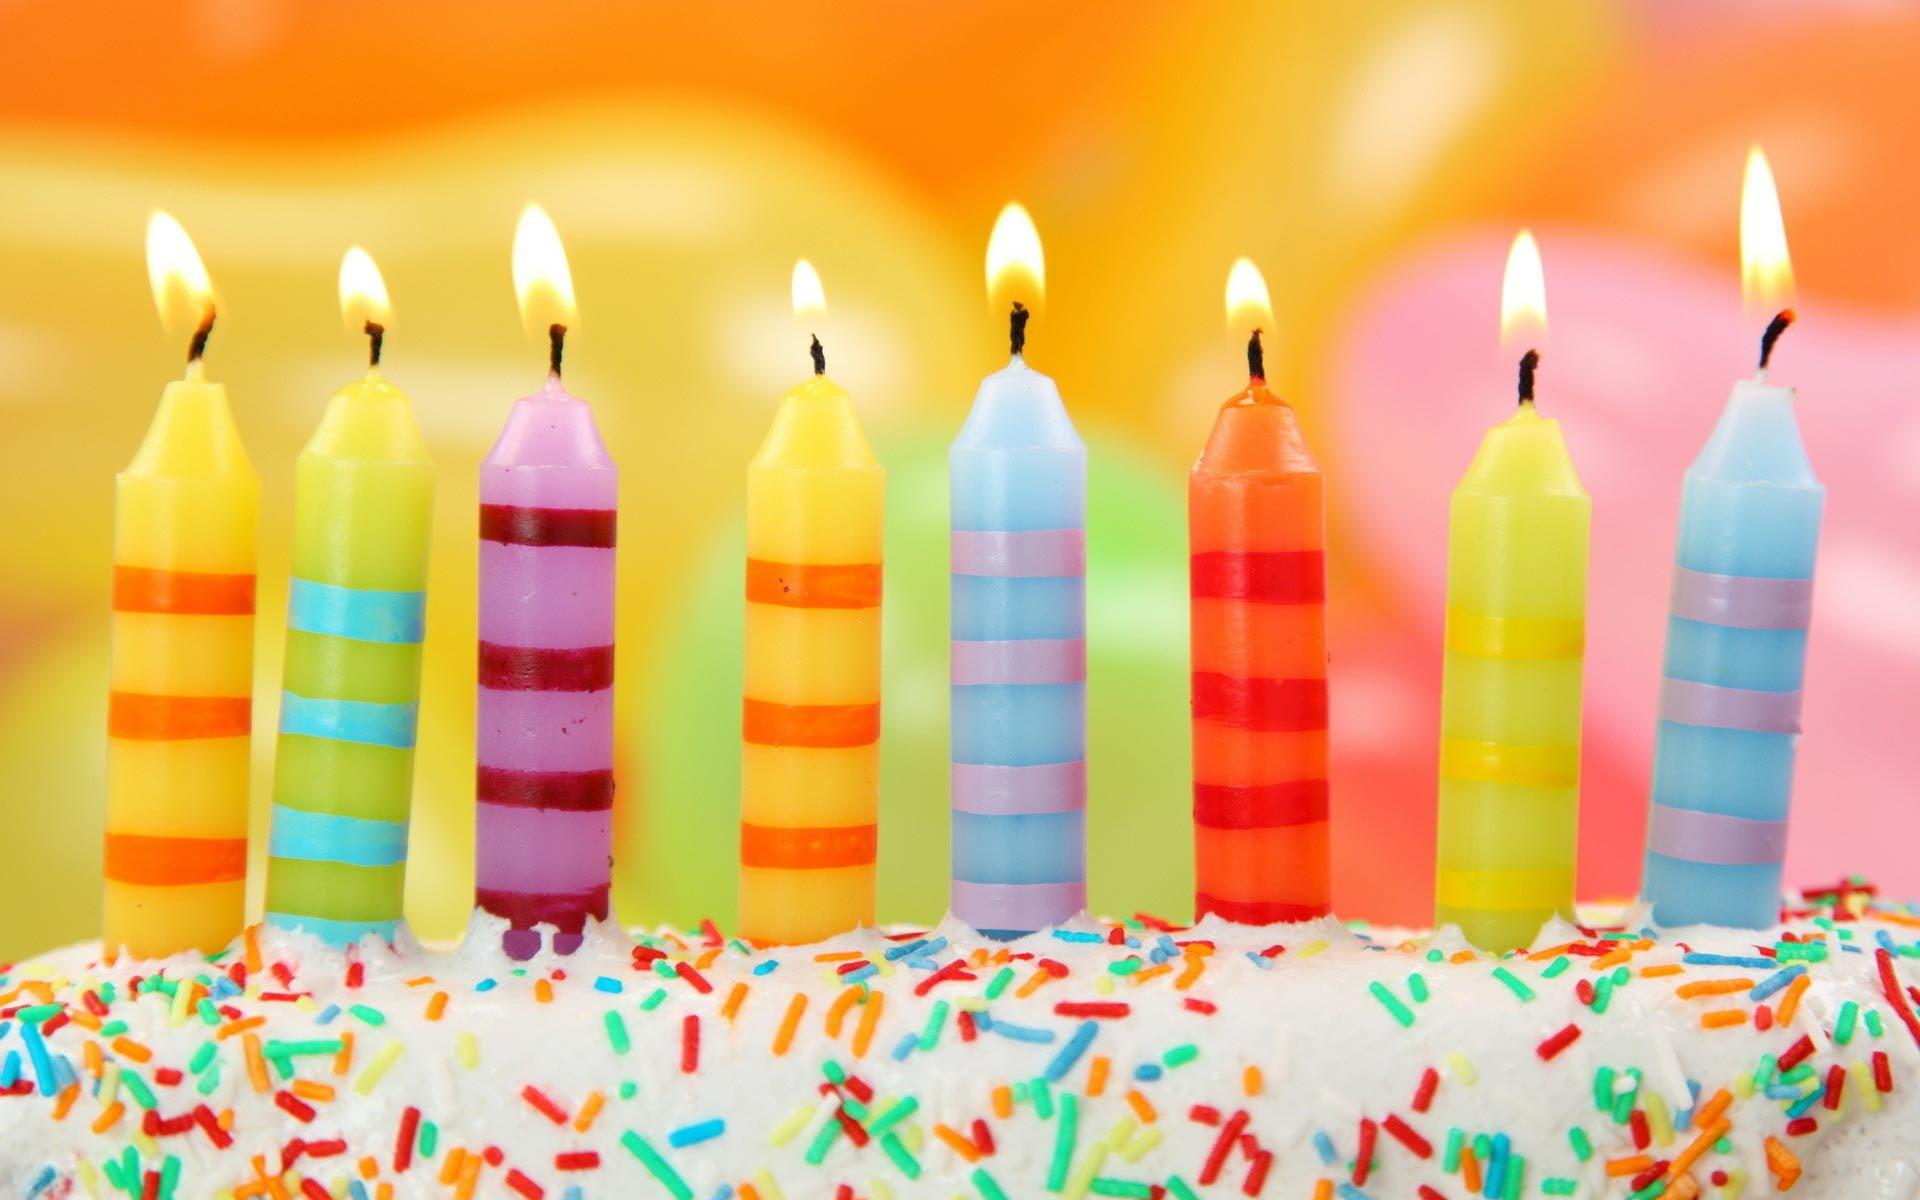 Красочные свечи на тортоe ко дню рождения - С Днем Рождения поздравительные картинки